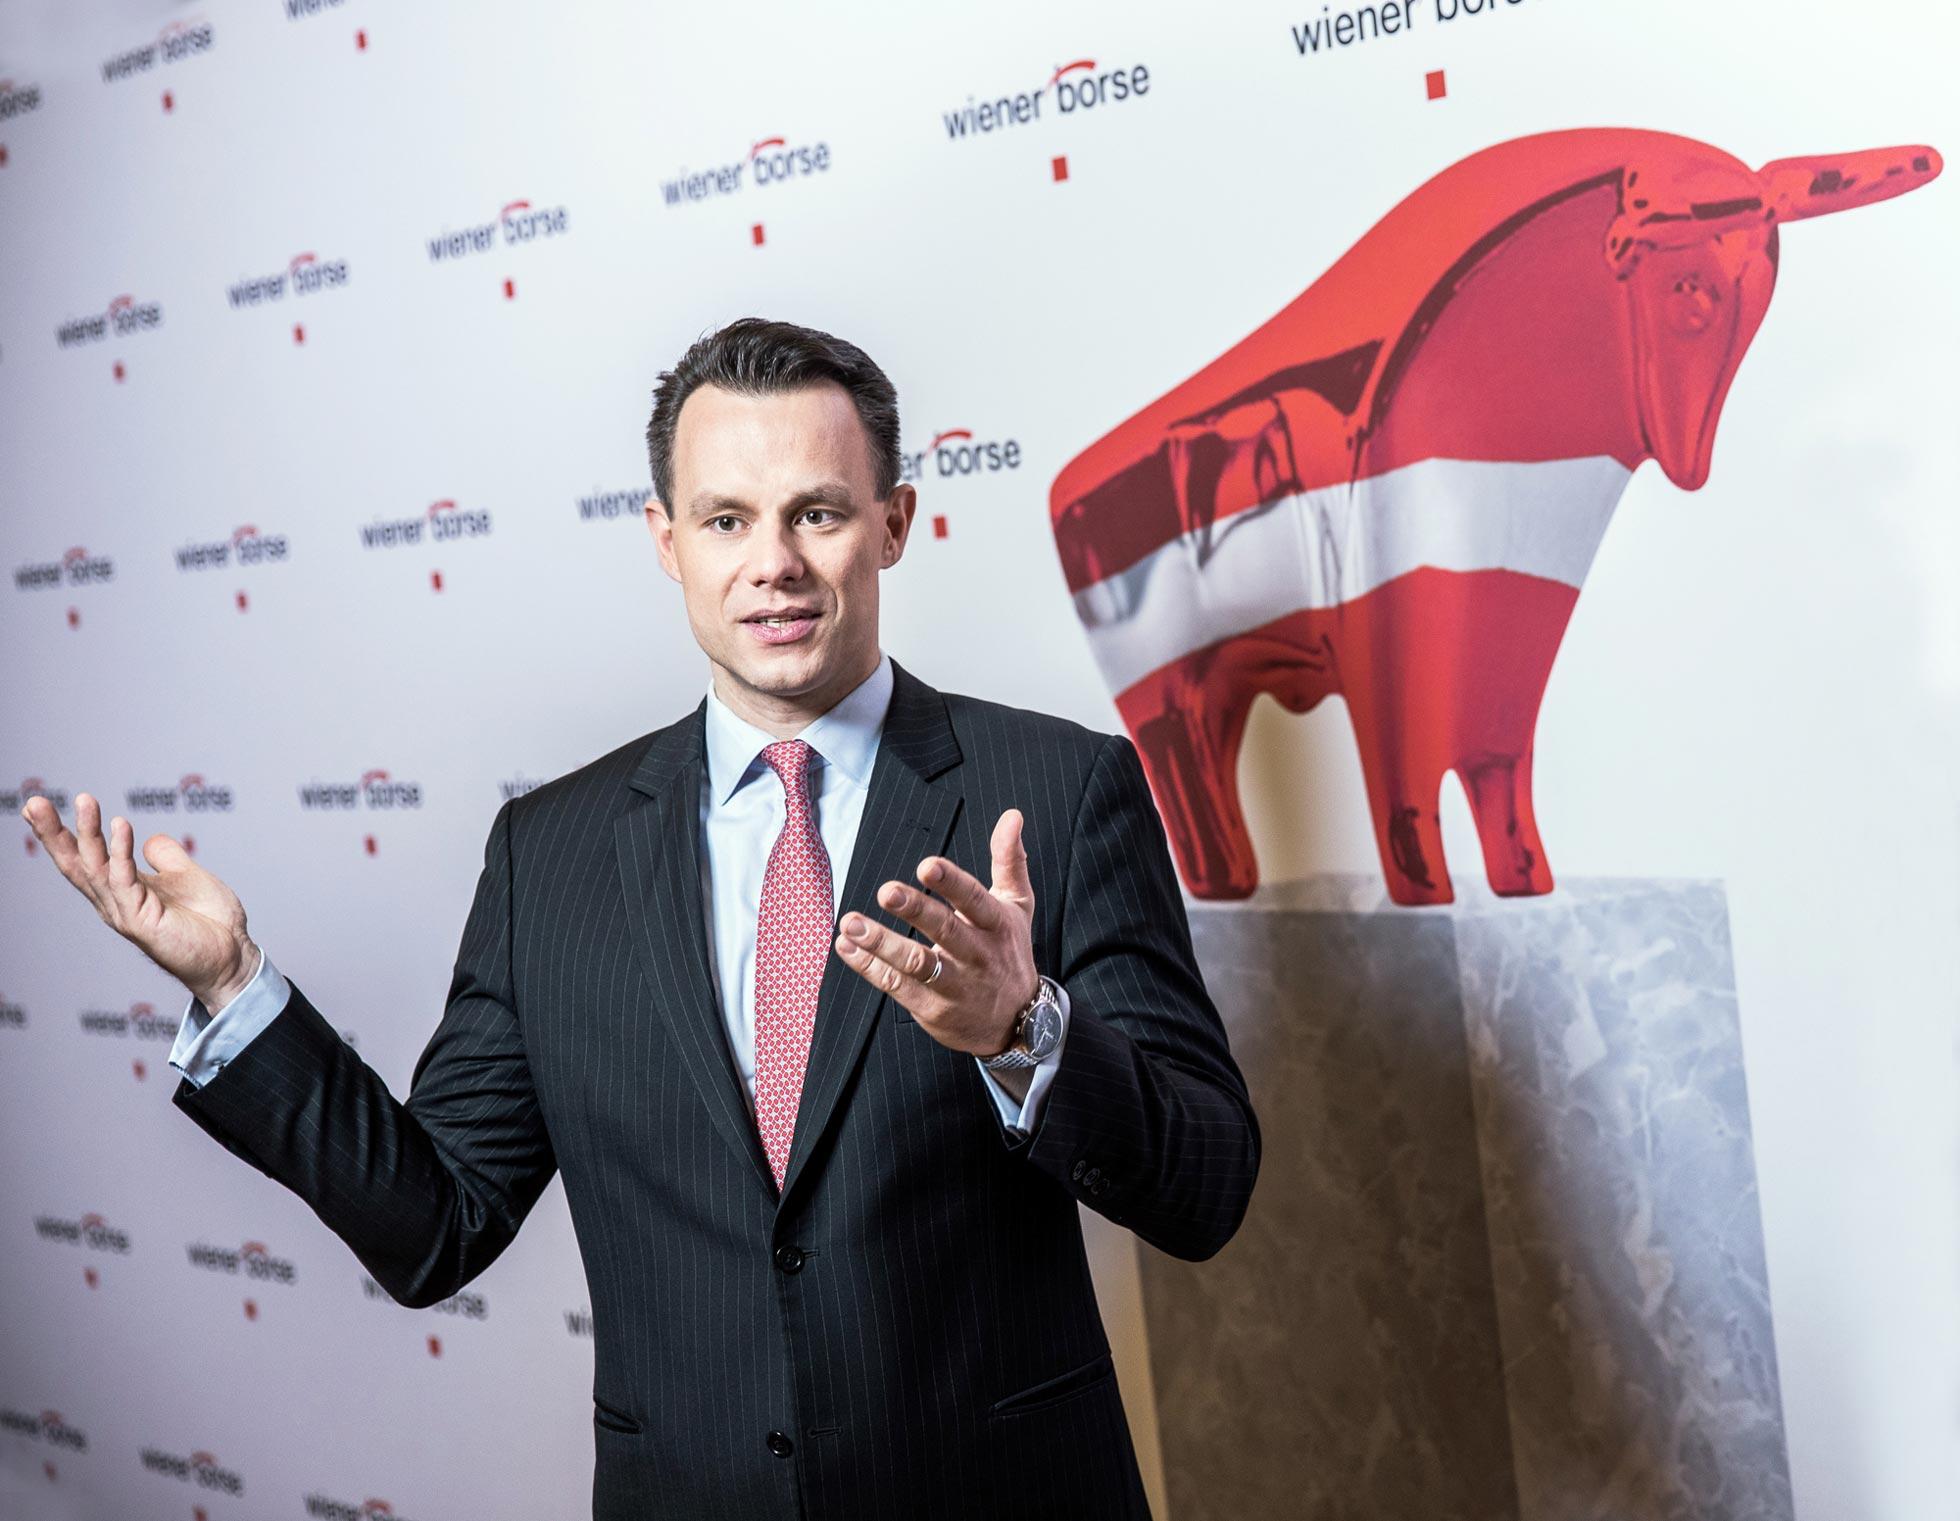 Christoph Boschan, Vorstandsvorsitzender der Wiener Börse